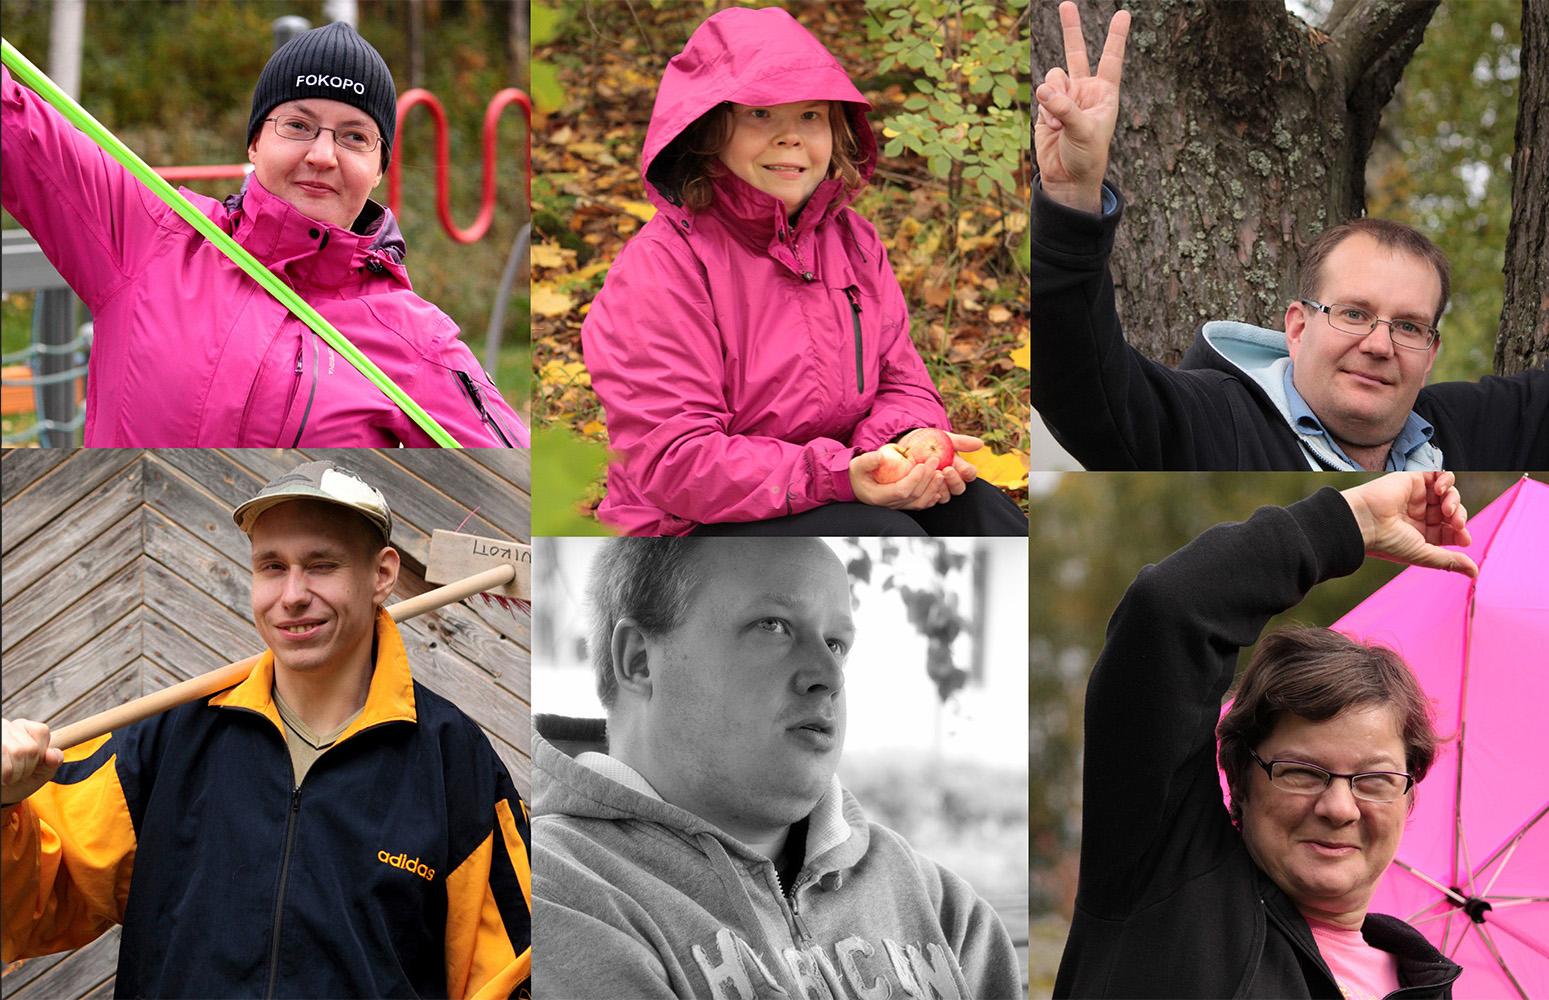 MAHTI-kurssilaiset vasemmalta ylhäältä alkaen: Aino Sarkula, Anna Kumpulainen, Jani Hirvi, Paavo Mertanen, Oskari Sievers ja Virpi Hyvärinen.